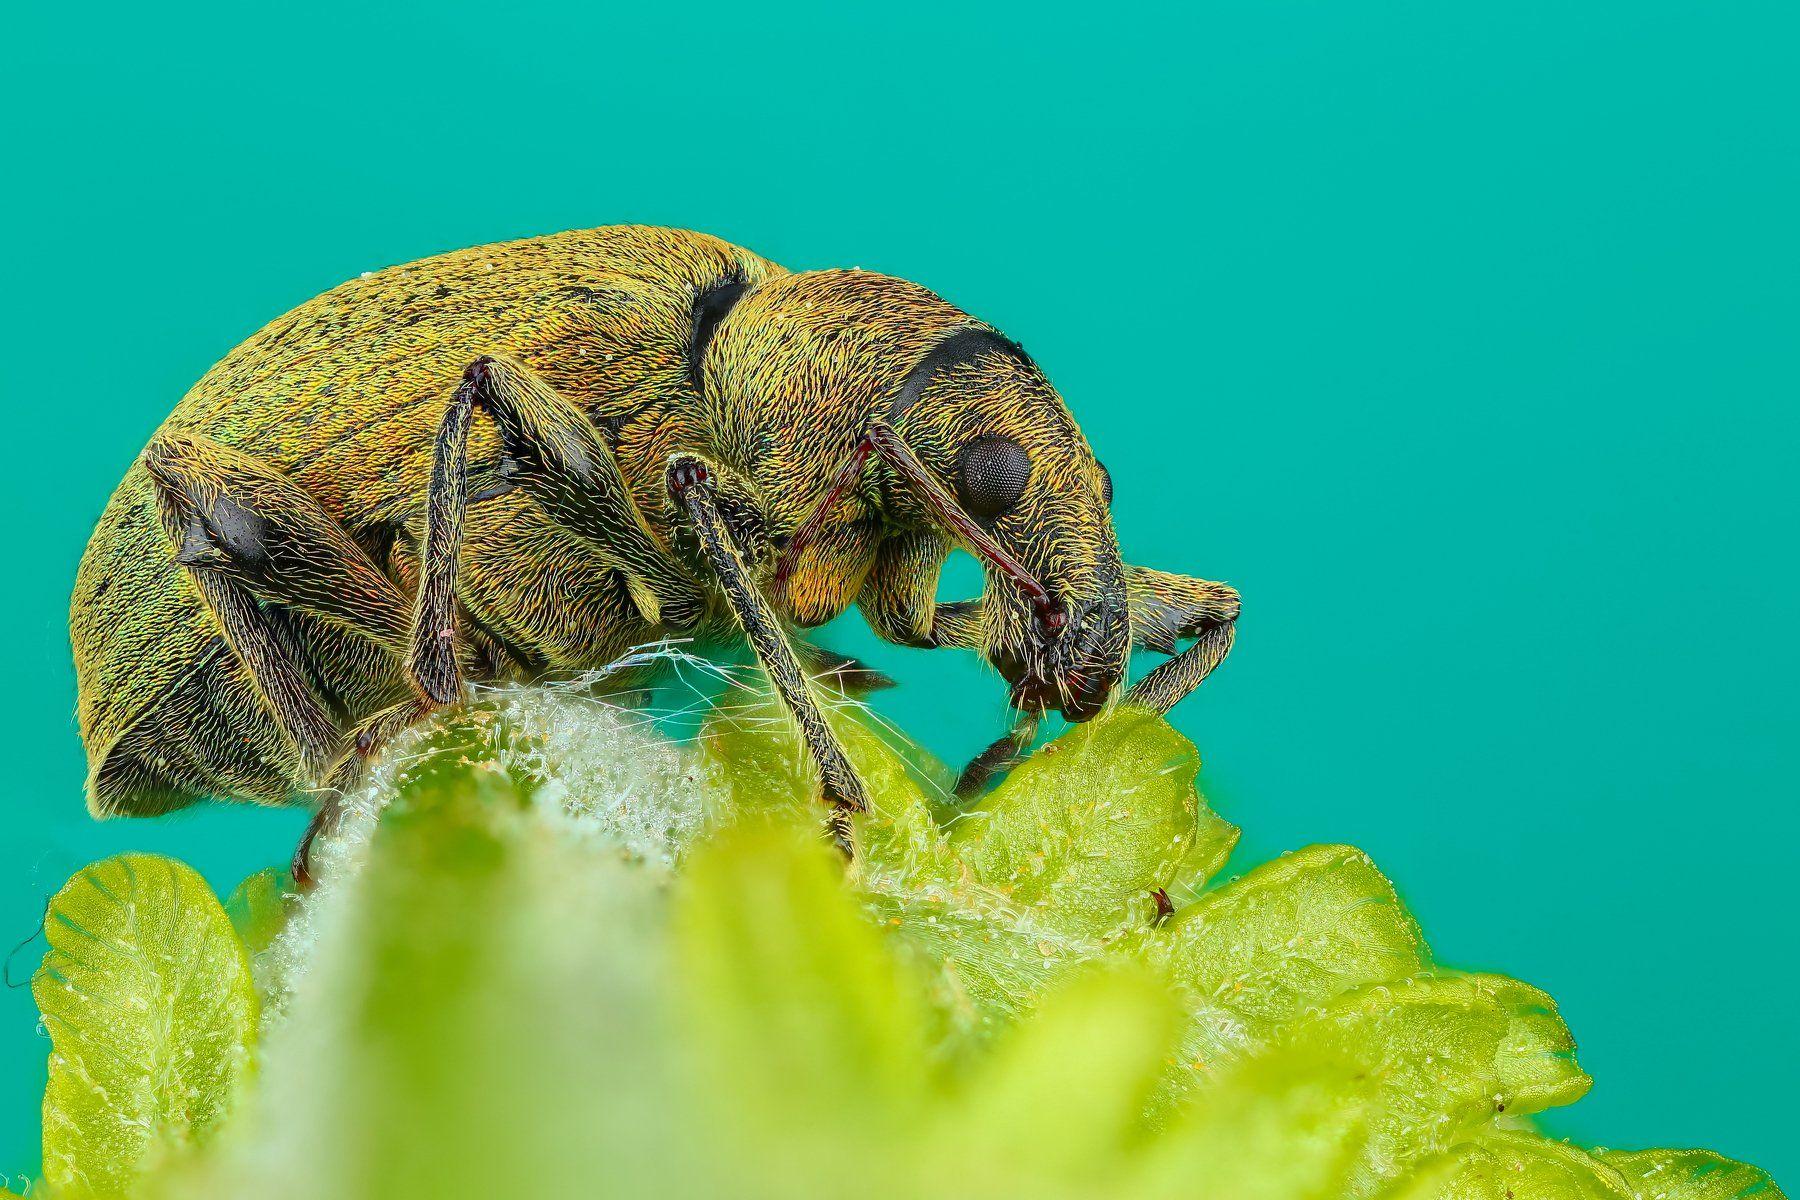 макро жук насекомое животное зеленый , Шаповалов Андрей